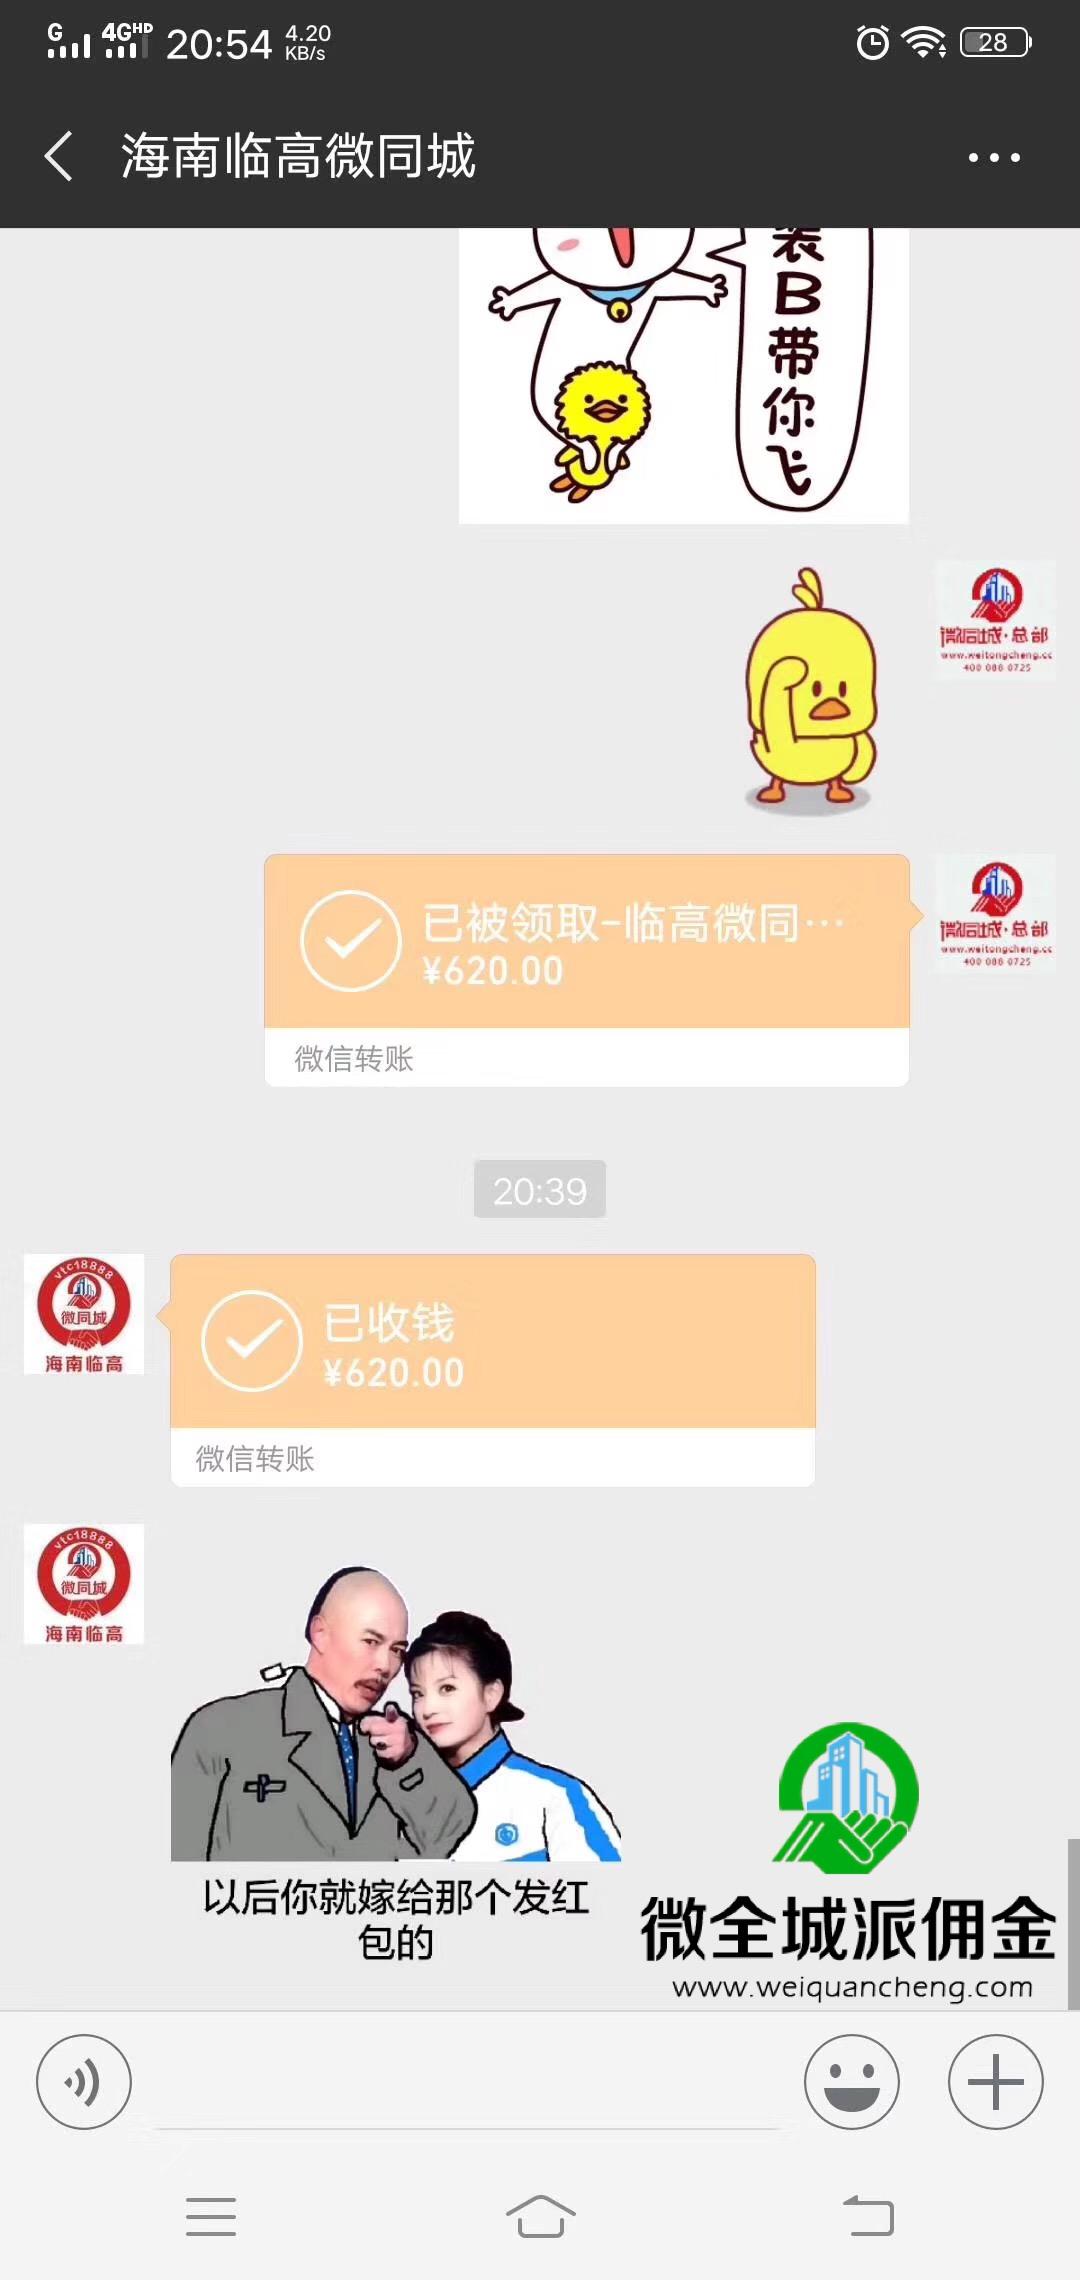 【赚620元】临高微全城微帮广告佣金